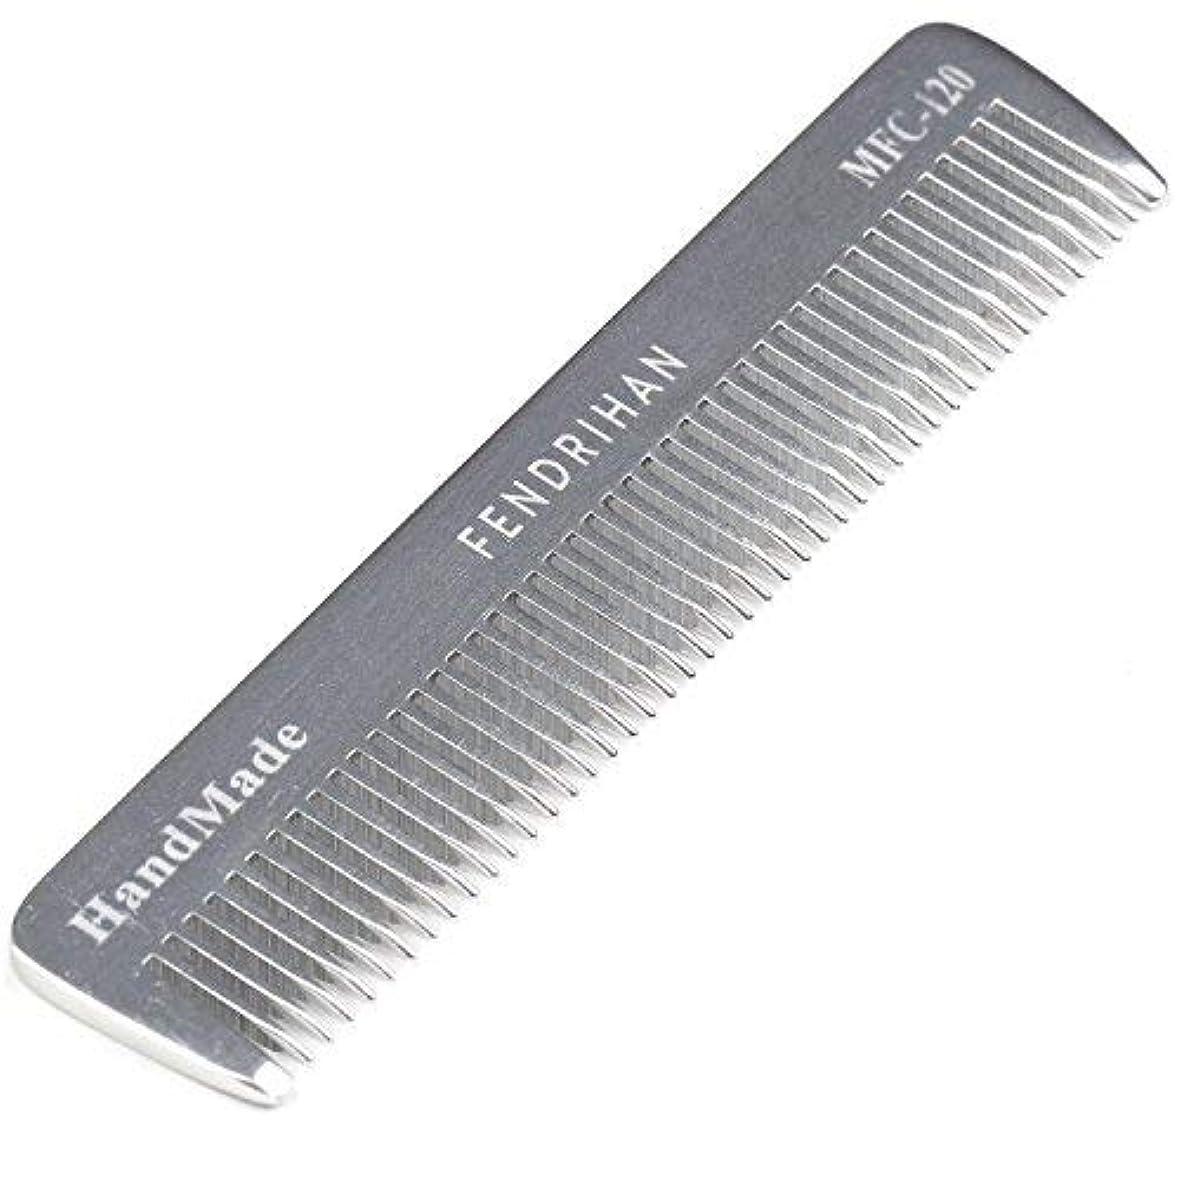 ミリメートル灰バンカーFendrihan Sturdy Metal Fine Tooth Barber Pocket Grooming Comb (4.6 Inches) [並行輸入品]